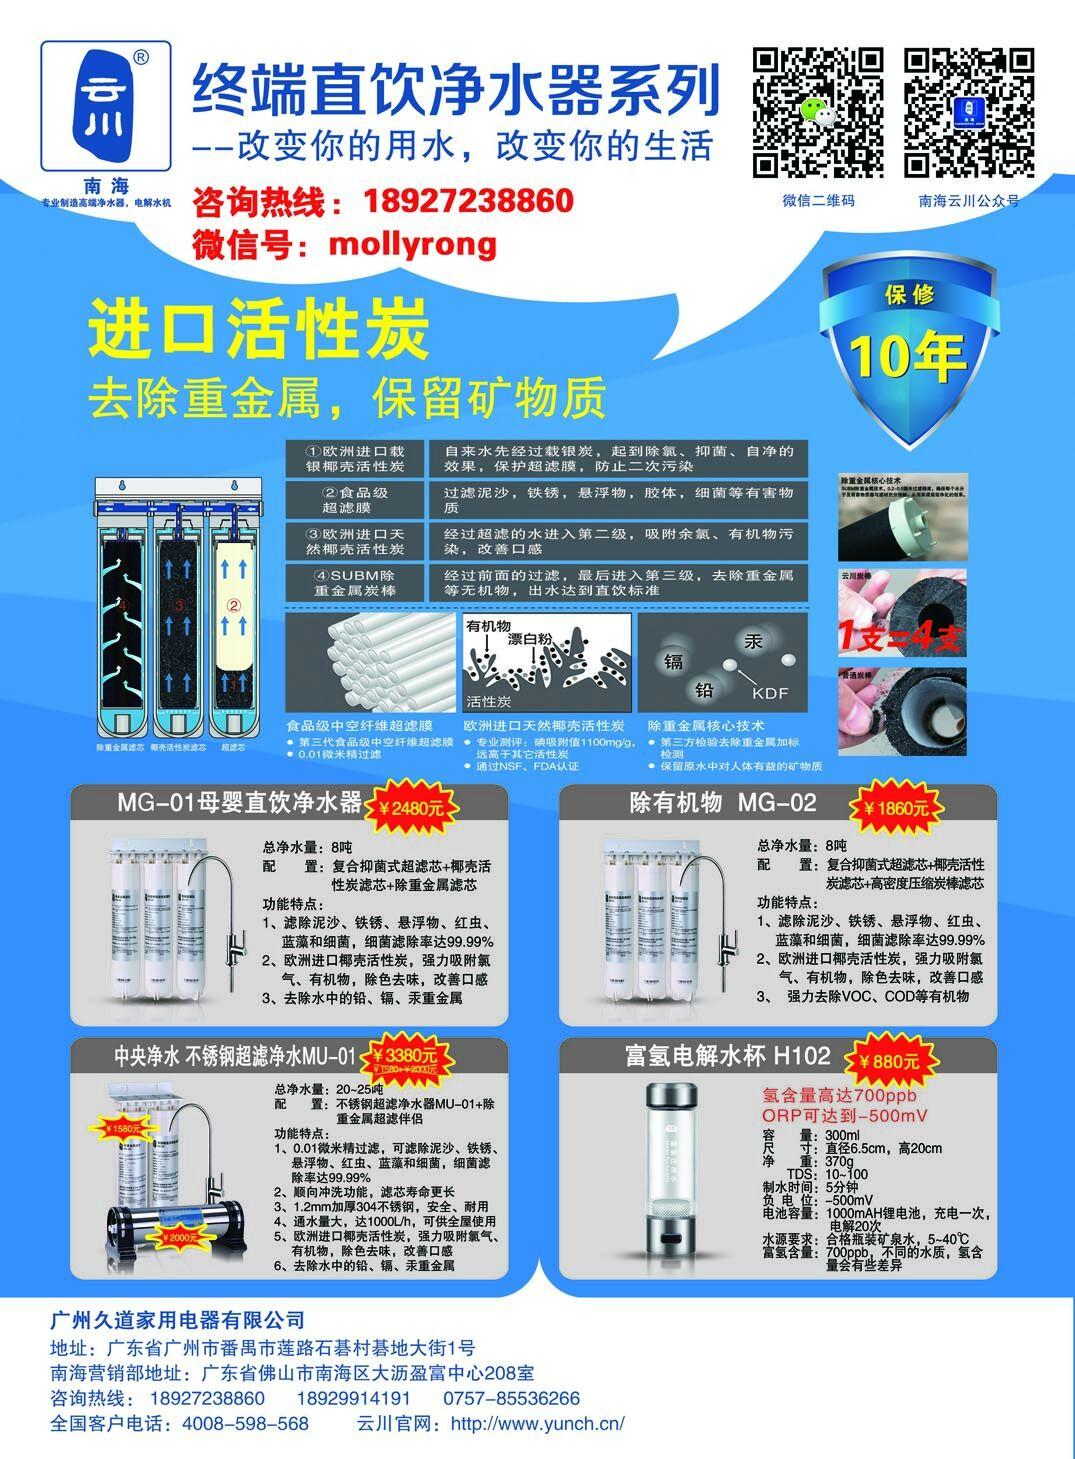 香港腾明进出口有限公司佛山代表处_国际人才网_job001.cn